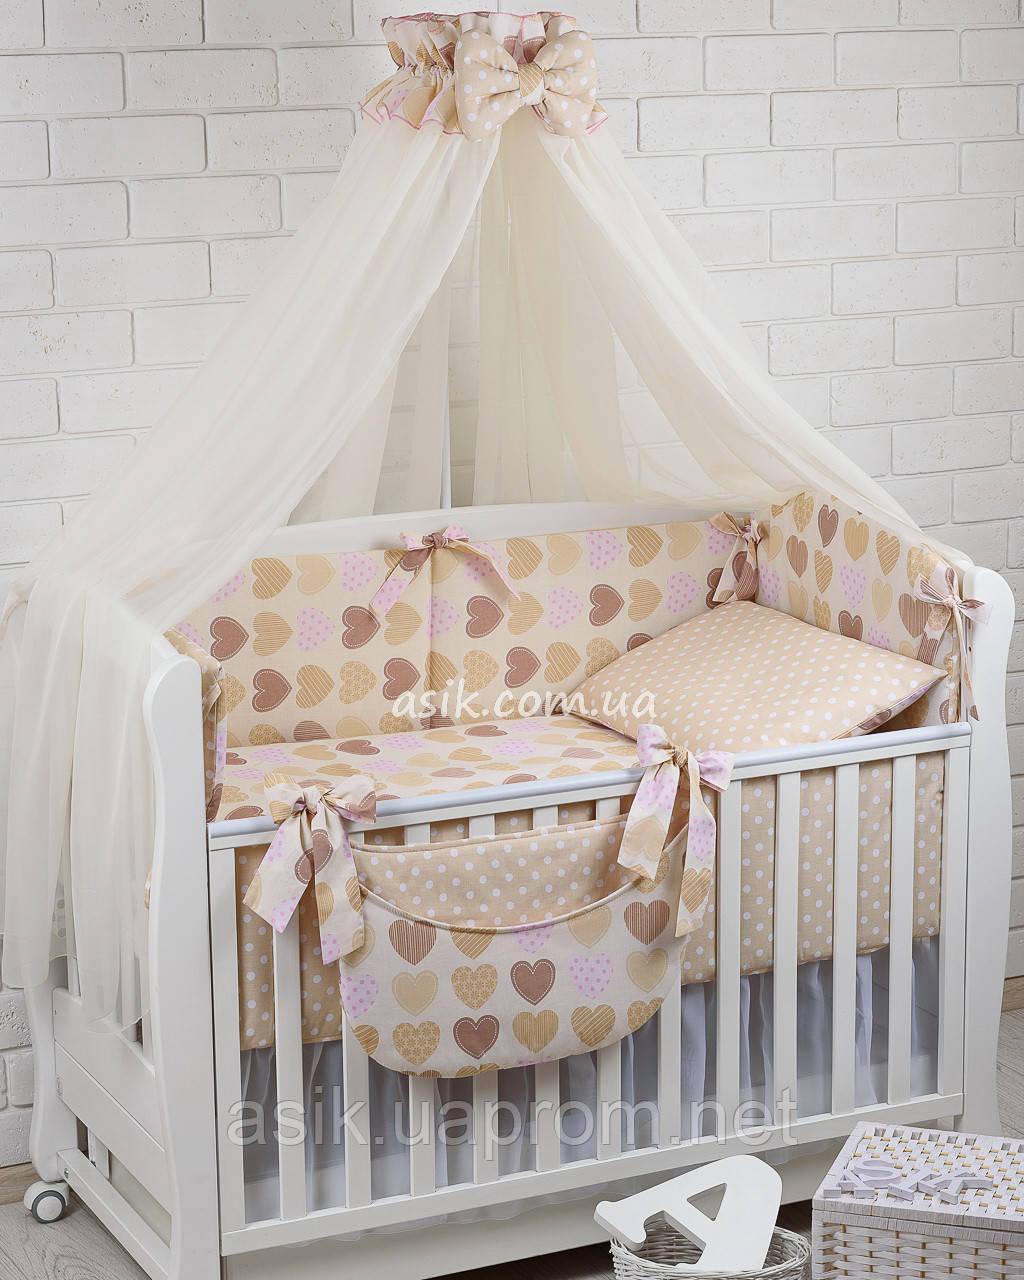 Комплект постельного белья Asik Сердечка с горошком бежевые и розовые 8 предметов (8-212)